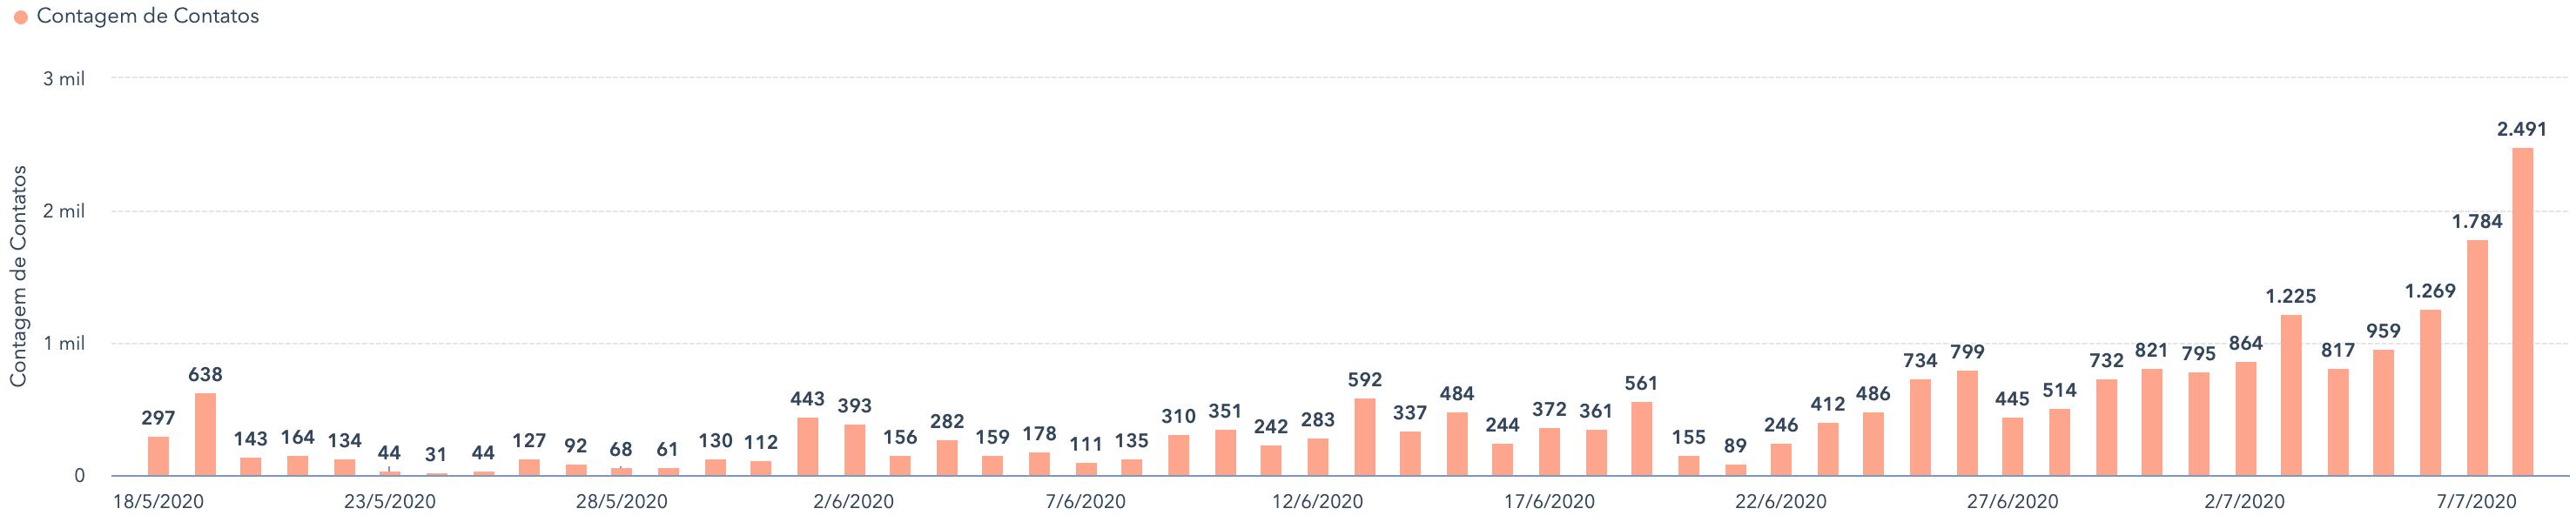 gráfico de geração de leads